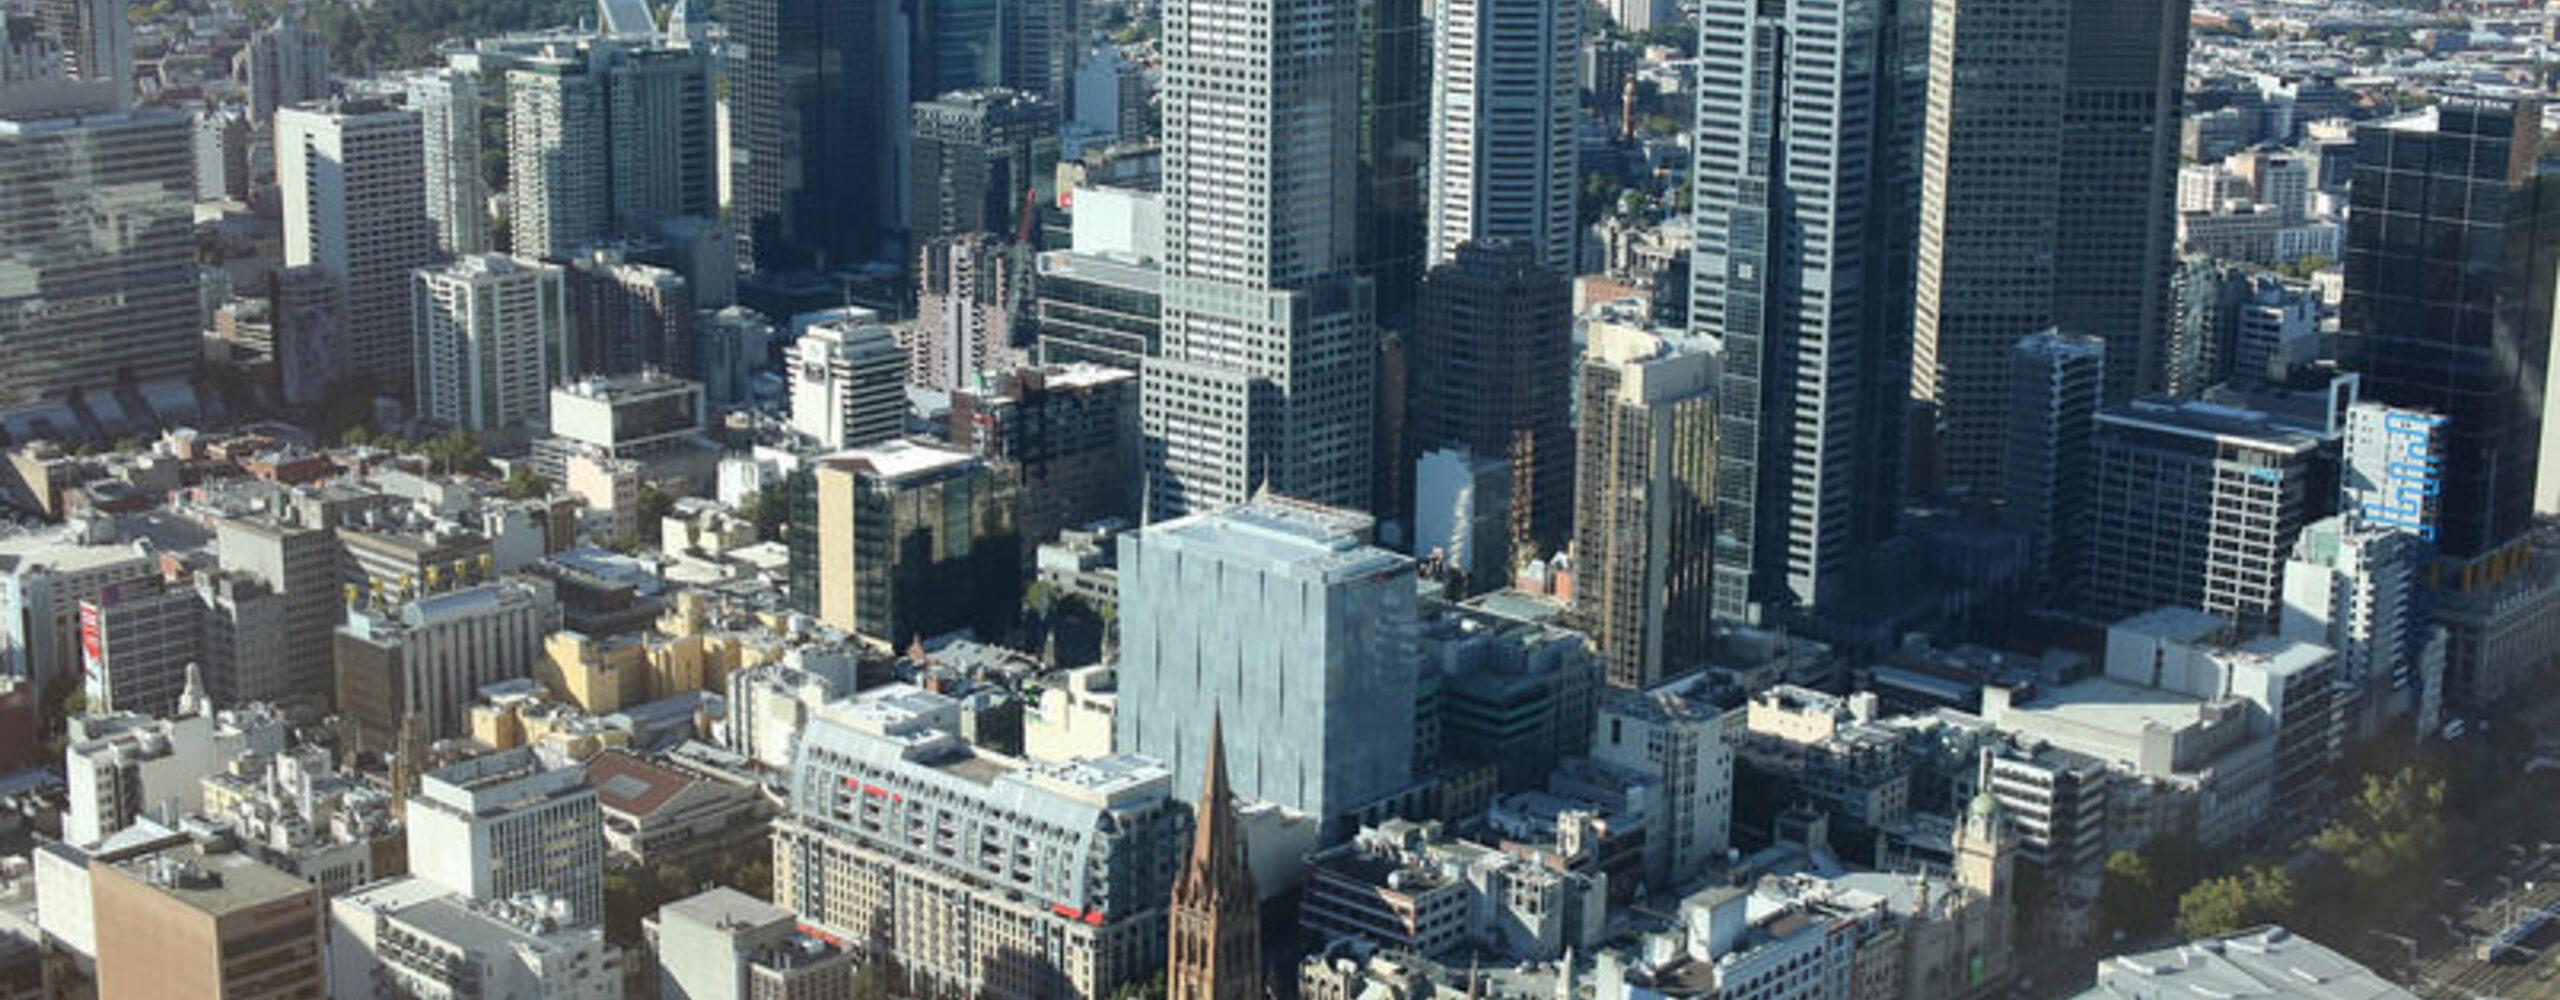 Жемчужина Австралии —Мельбурн.